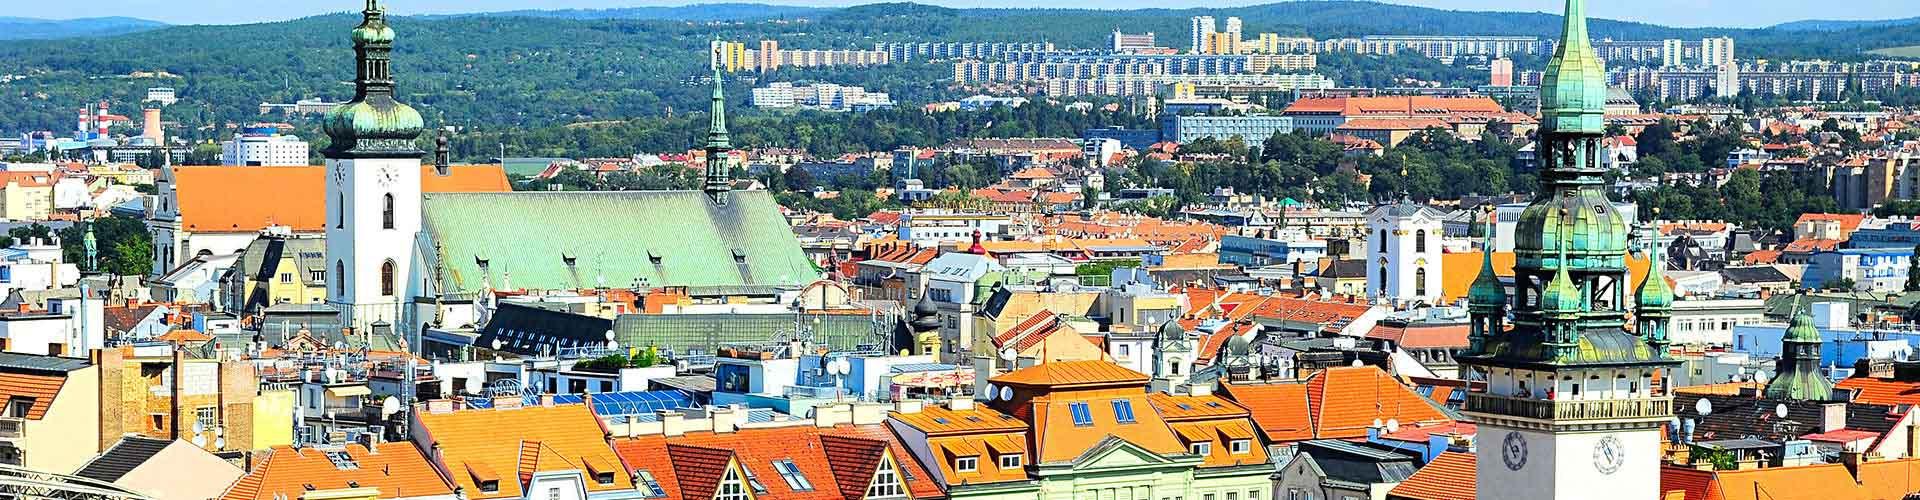 Brno - Hostales en Brno. Mapas de Brno, Fotos y comentarios de cada Hostal en Brno.